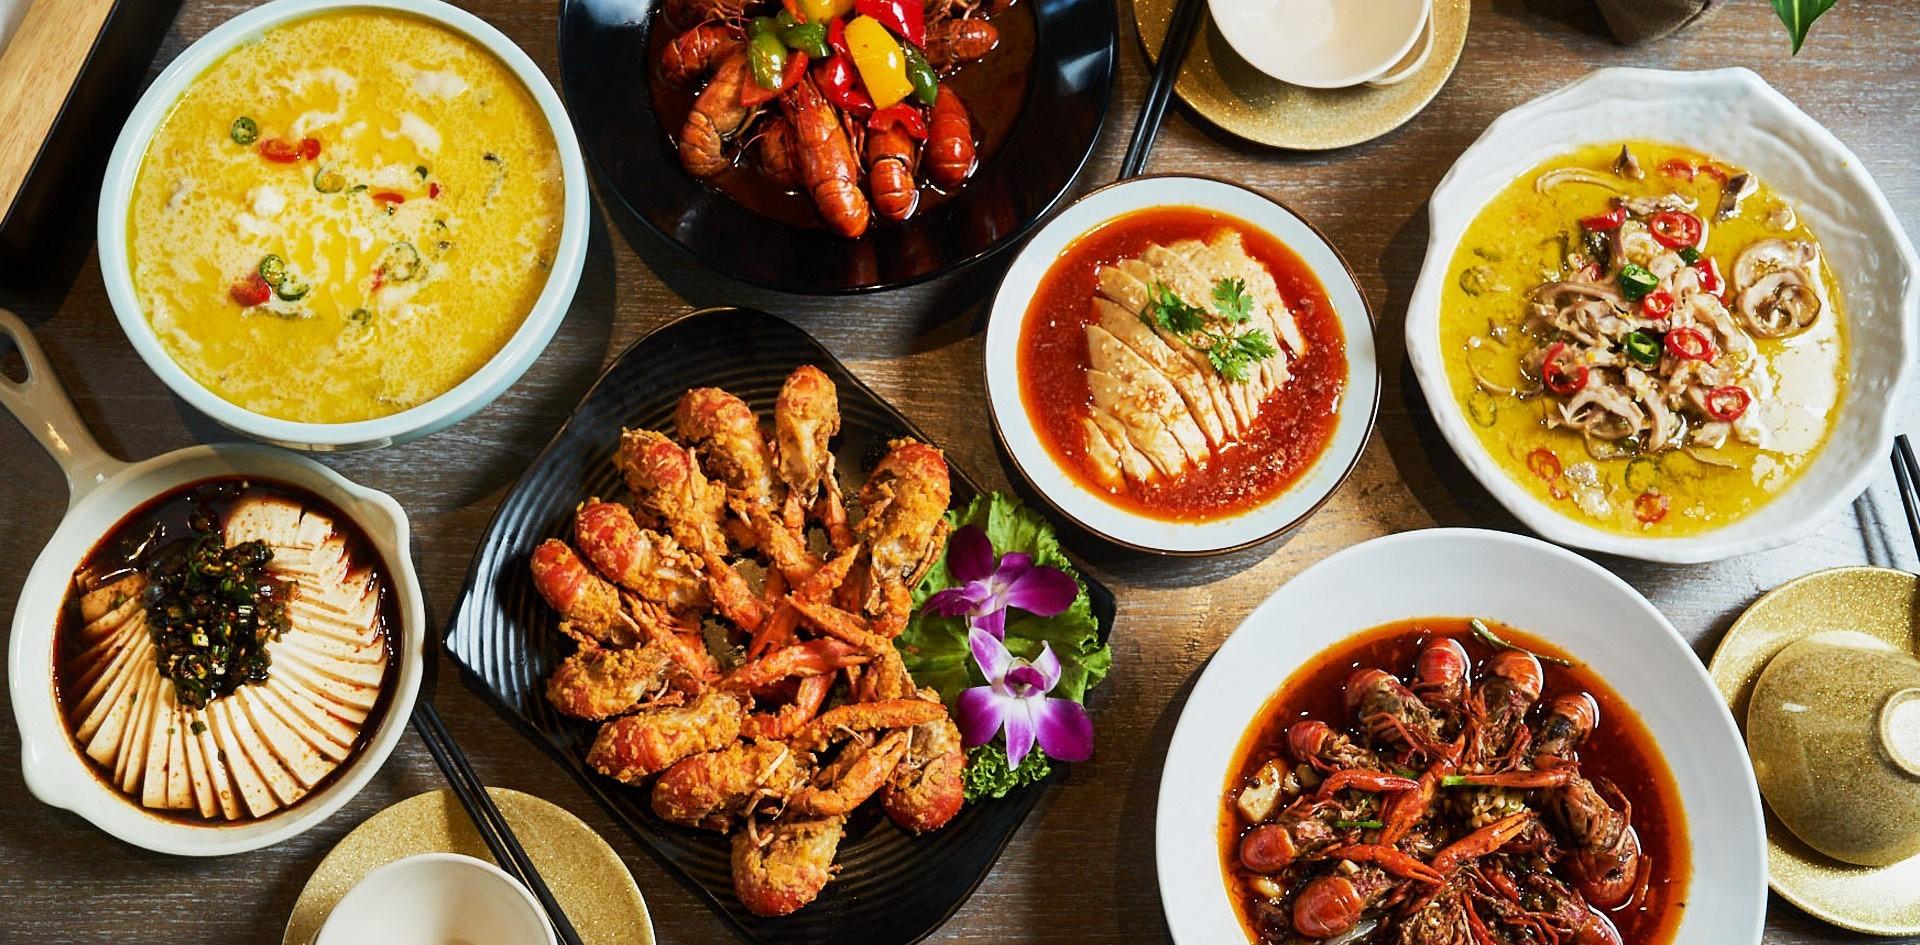 [รีวิว] Chubby Crayfish ร้านอาหารจีนต้นตำรับกับกุ้งเครย์ฟิชเนื้อแน่น